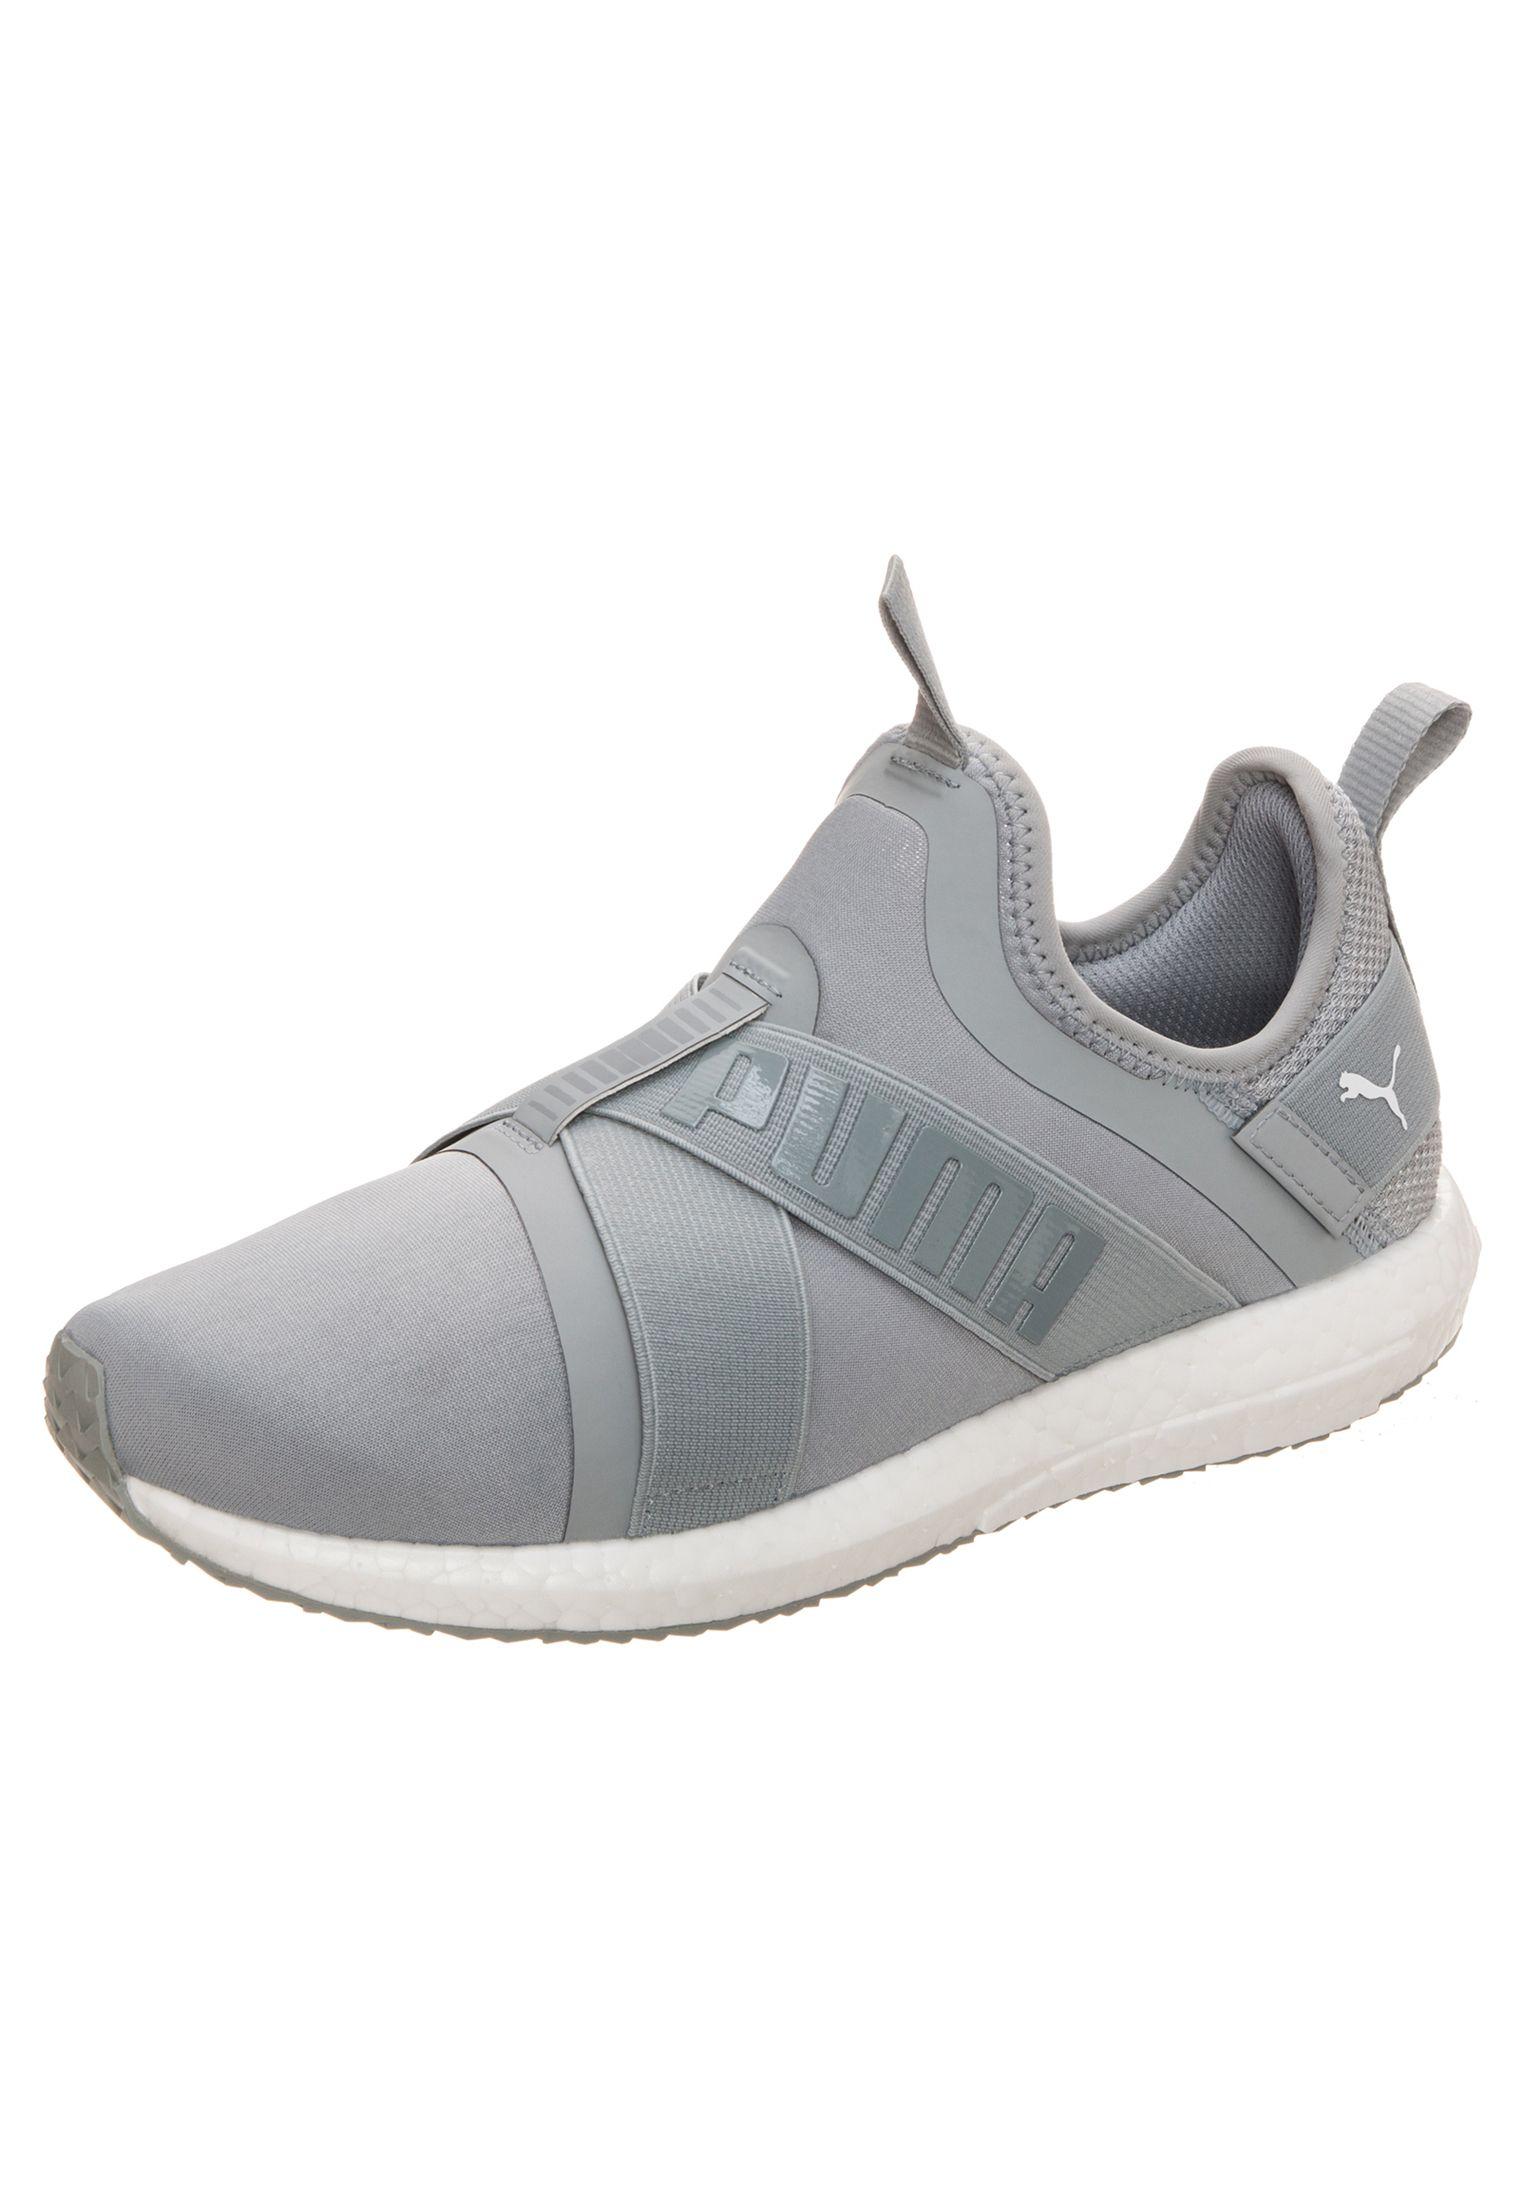 be5ec6c979ac8a  Bekleidung  Damen  Laufschuhe  Schuhe  Sneaker  SportbekleidungPUMA Damen  Sneaker Mega NRGY